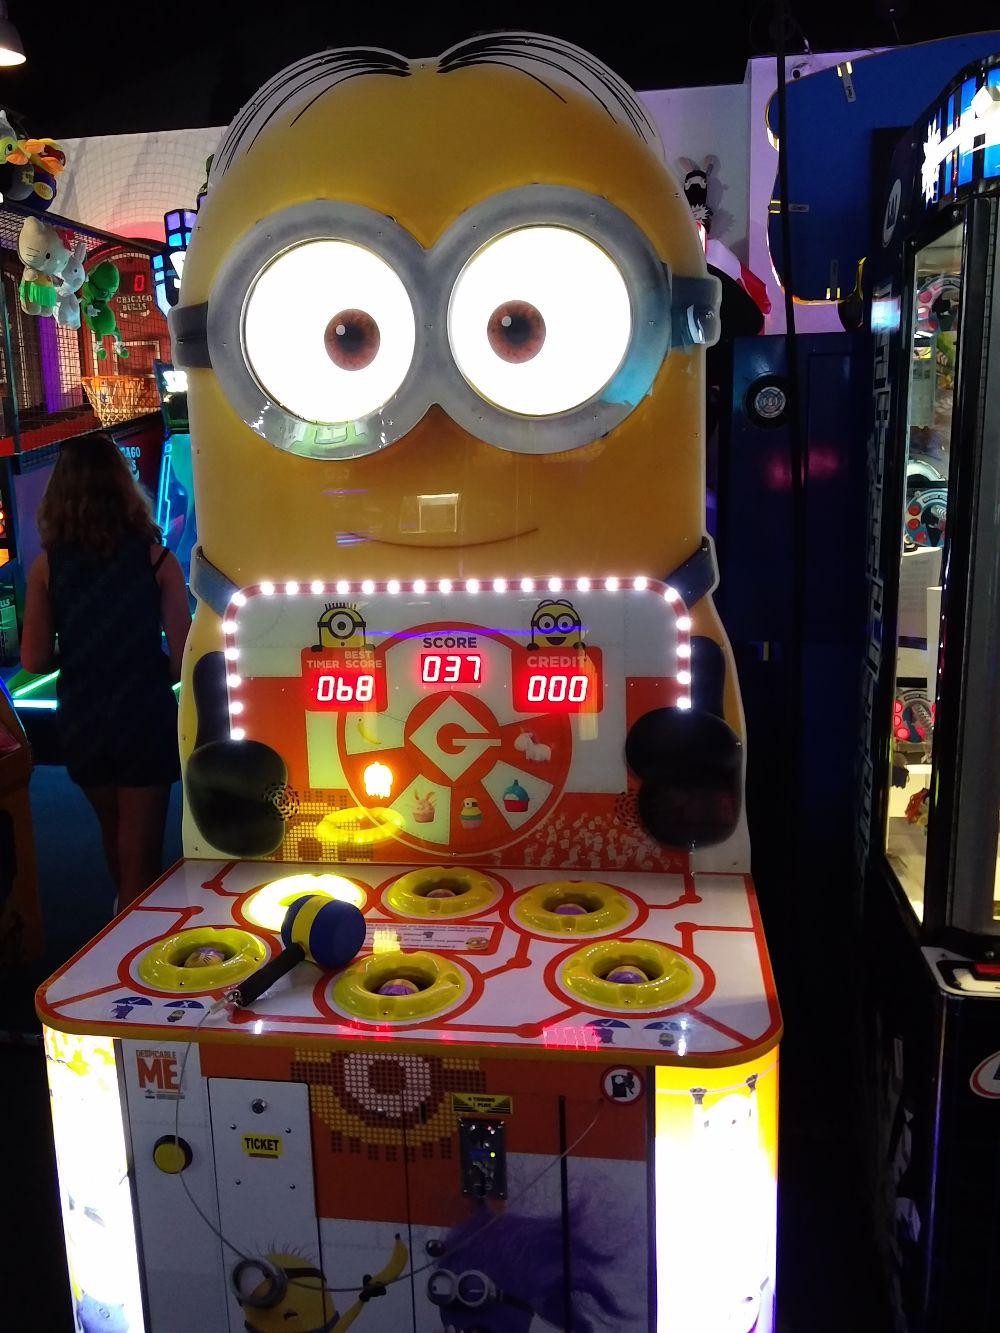 Minions Whac-A-Mole in einer Spielhalle in Las Vegas